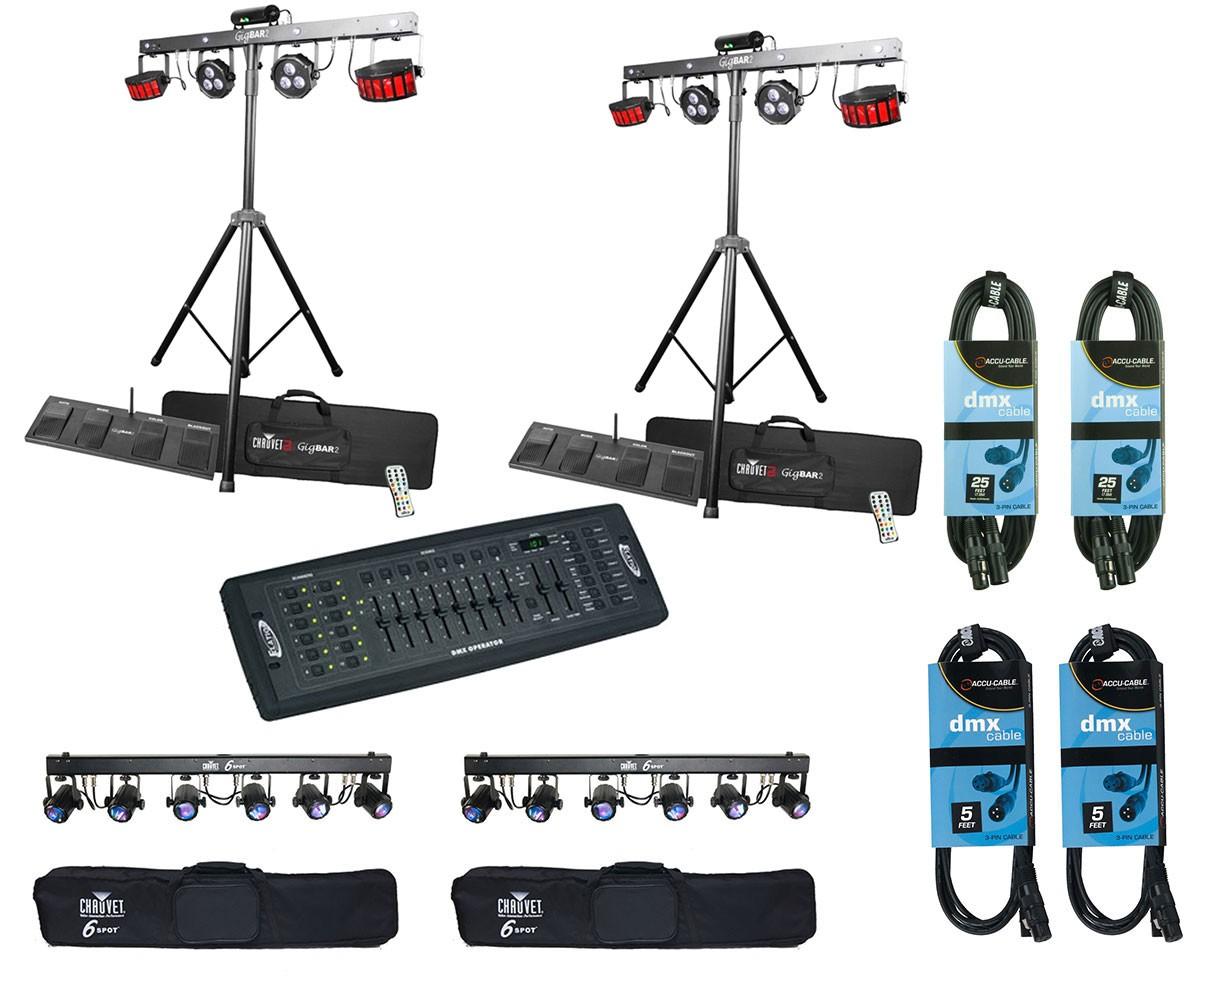 2x Chauvet GigBAR 2 + 2x 6Spot + Controller + Cables